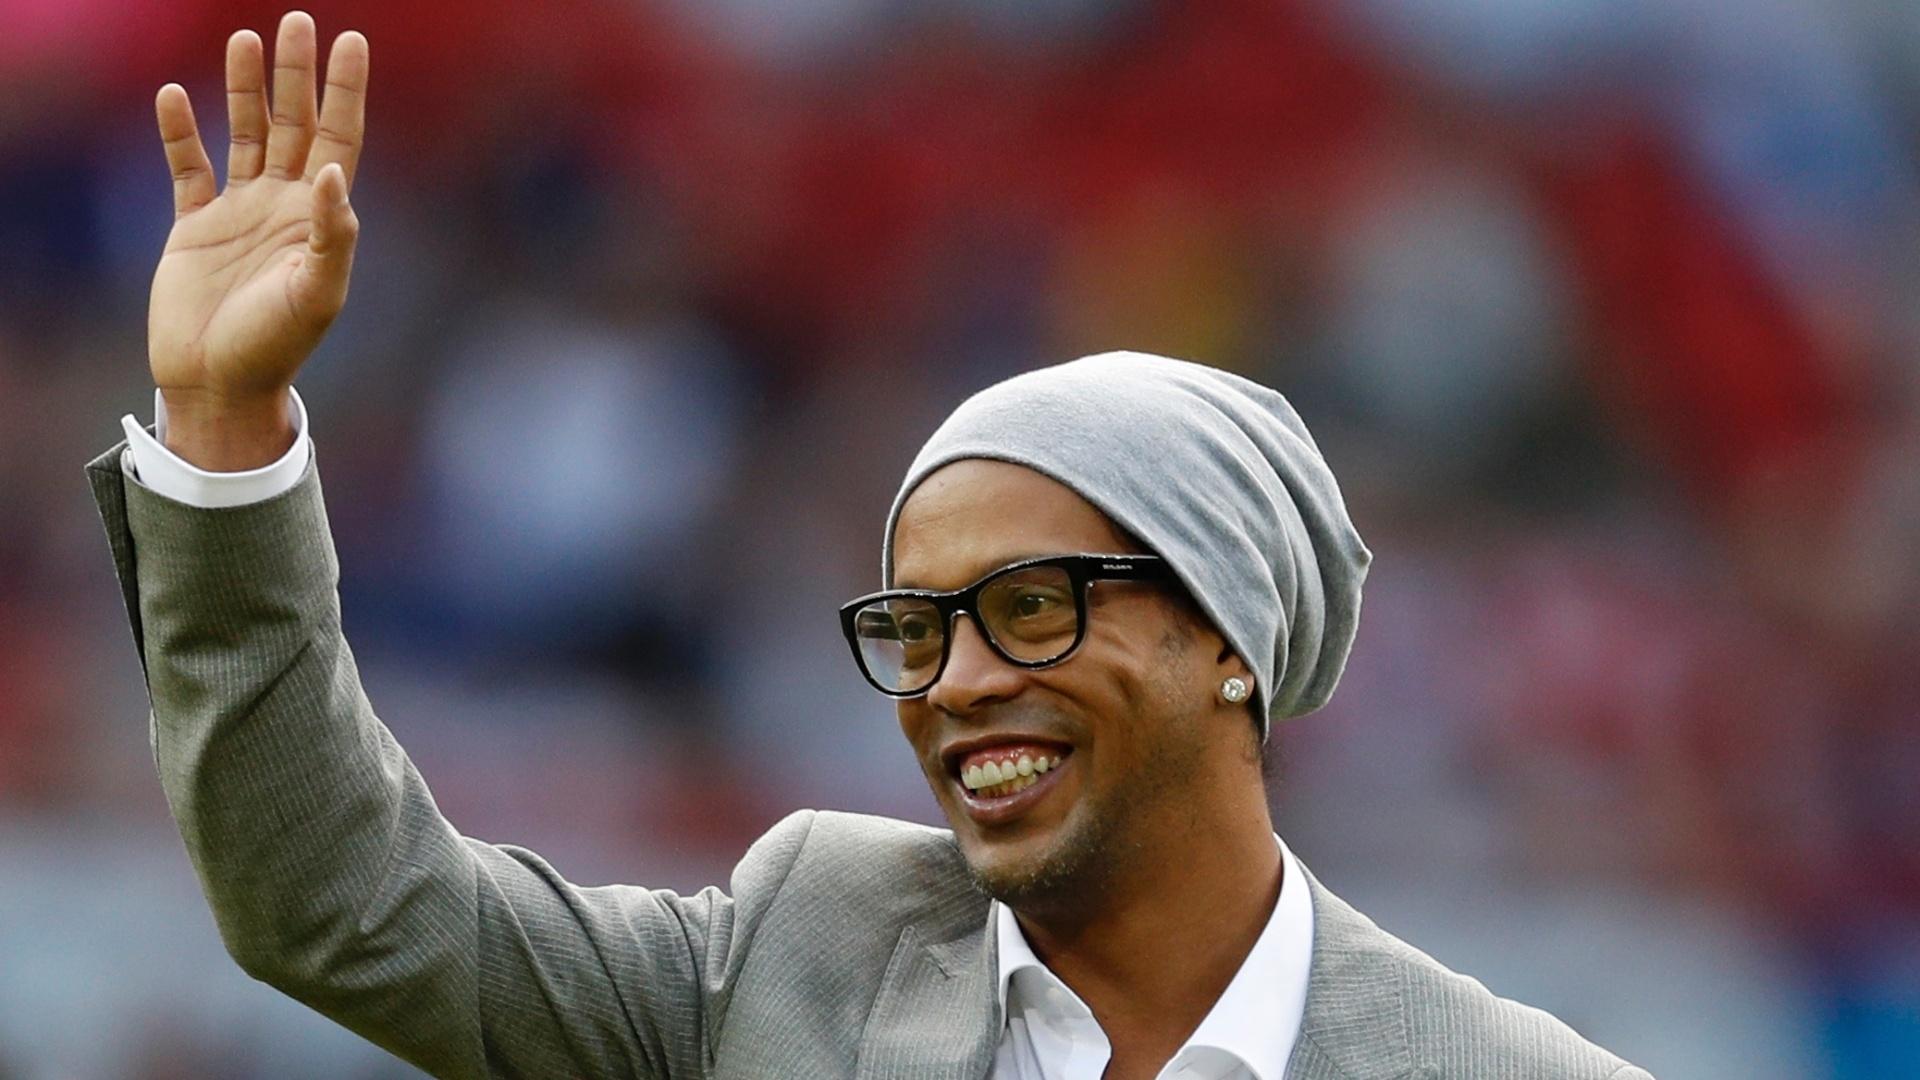 Ronaldinho antes de partida disputada na Inglaterra, no estádio Old Trafford